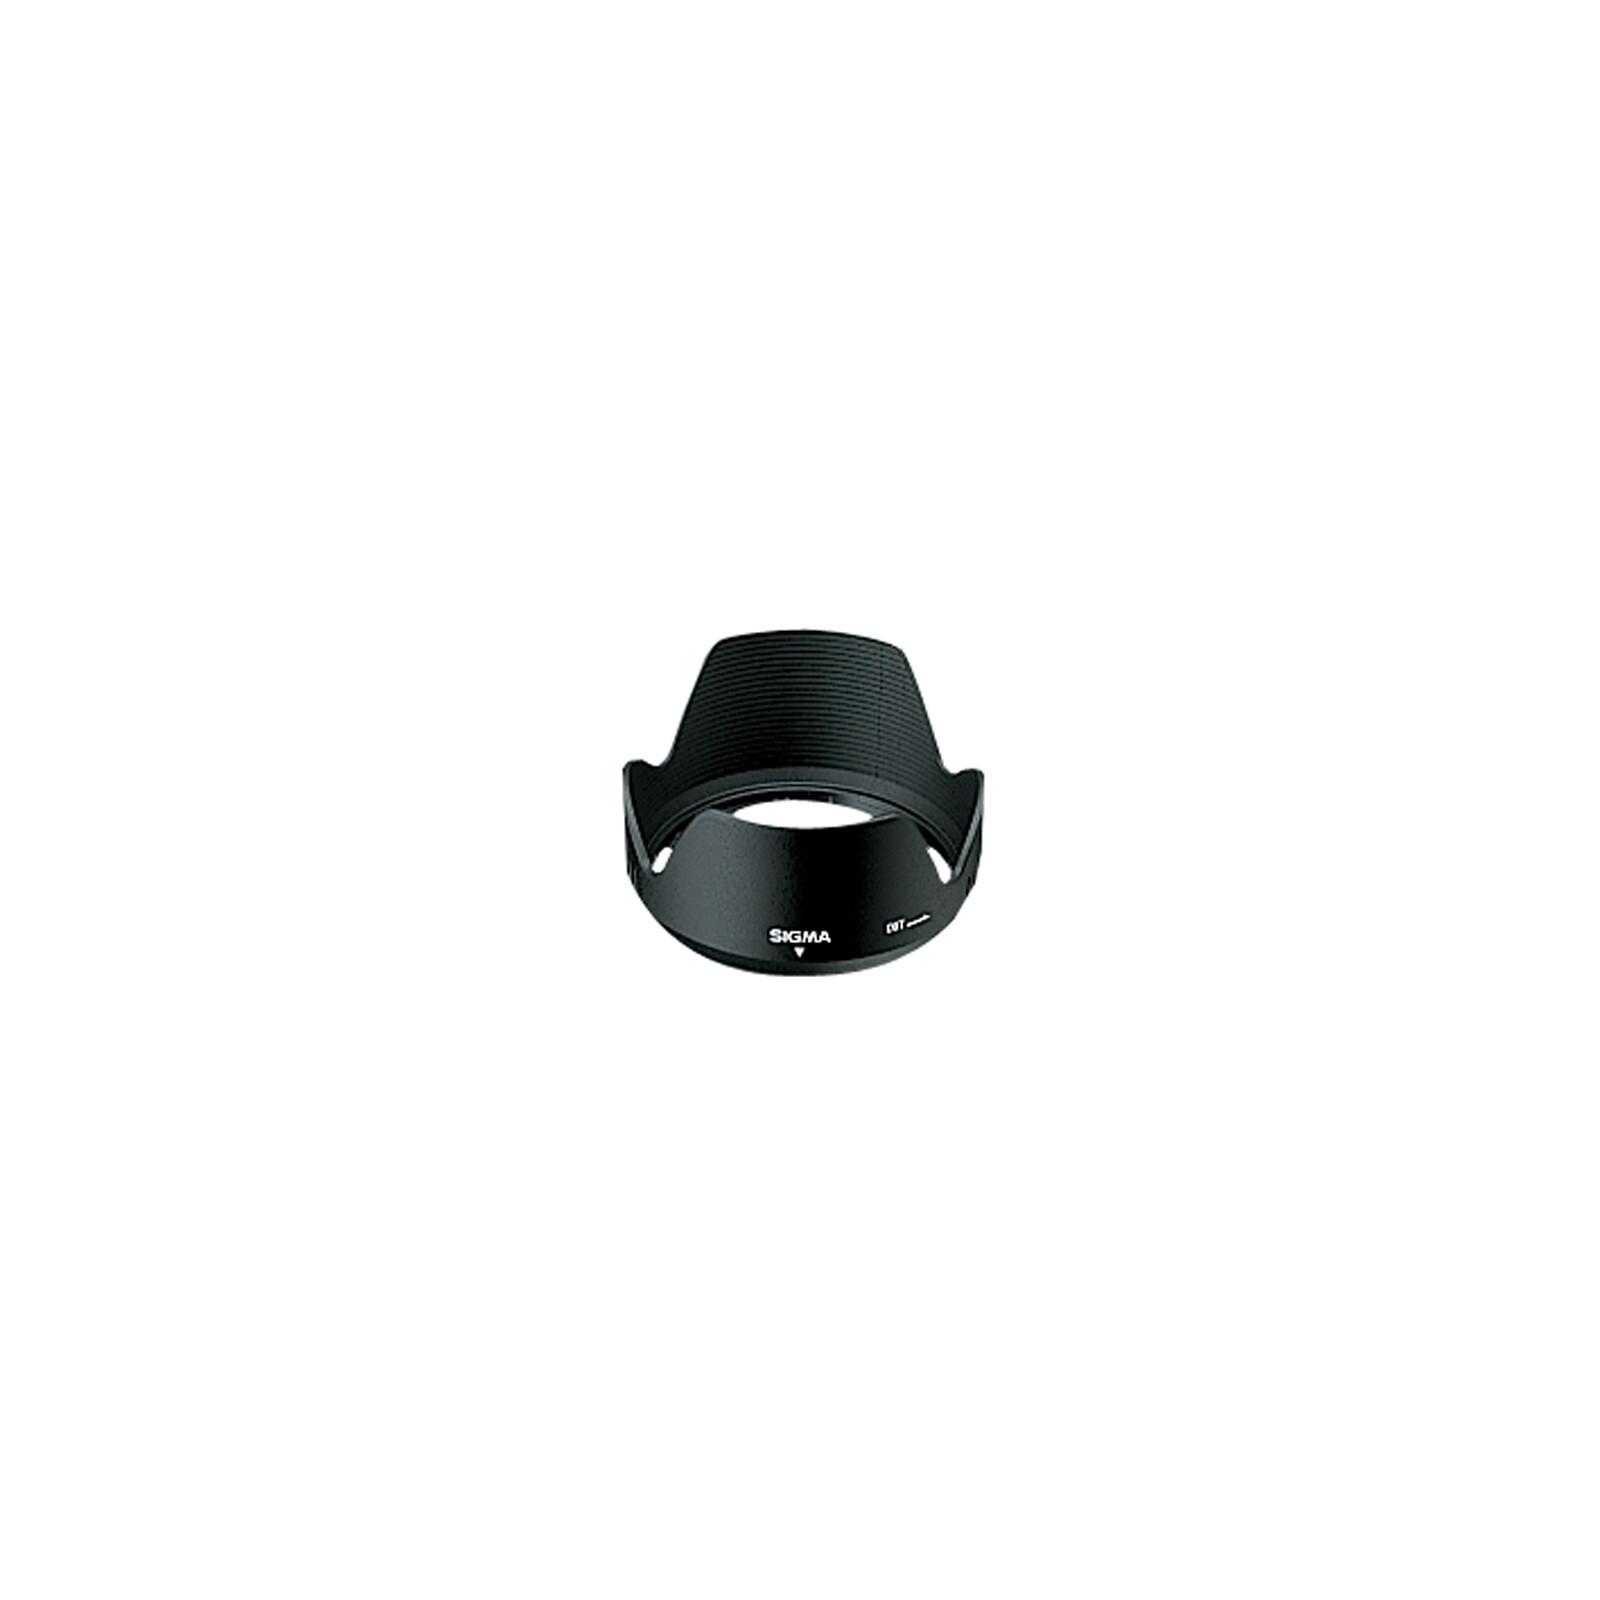 Sigma LH680-01 Gegenlichtblende 789